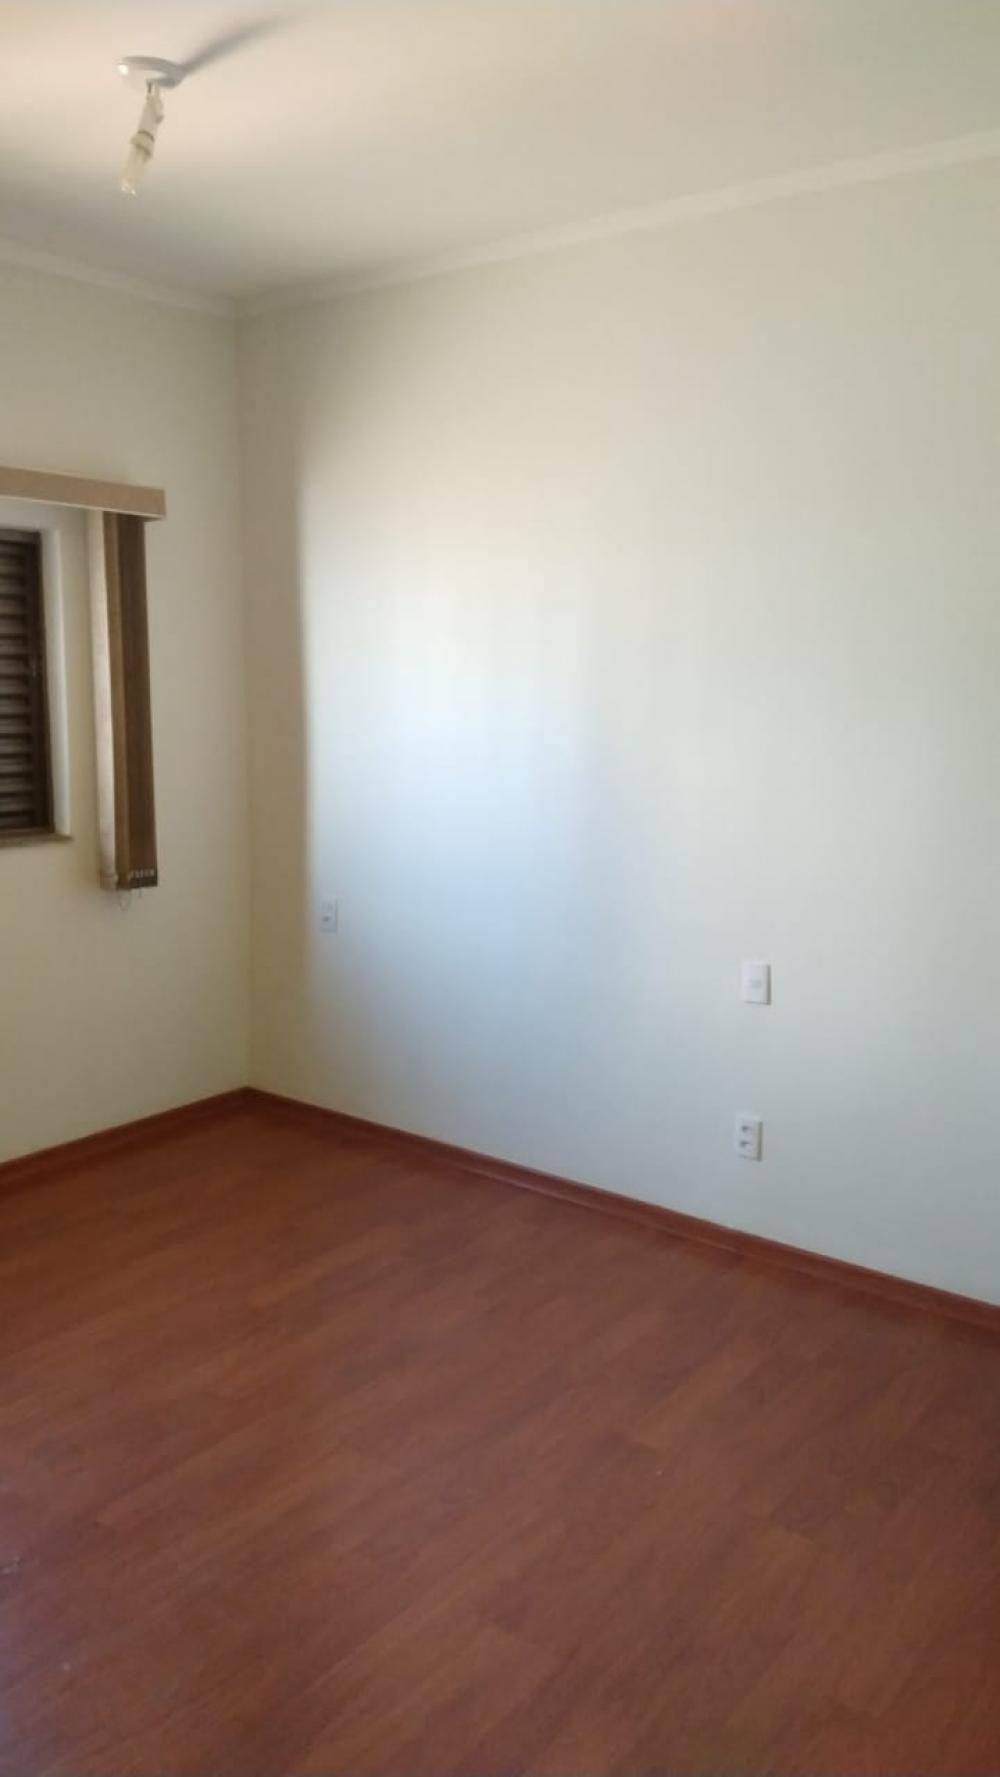 Comprar Apartamento / Padrão em Ribeirão Preto R$ 160.000,00 - Foto 3